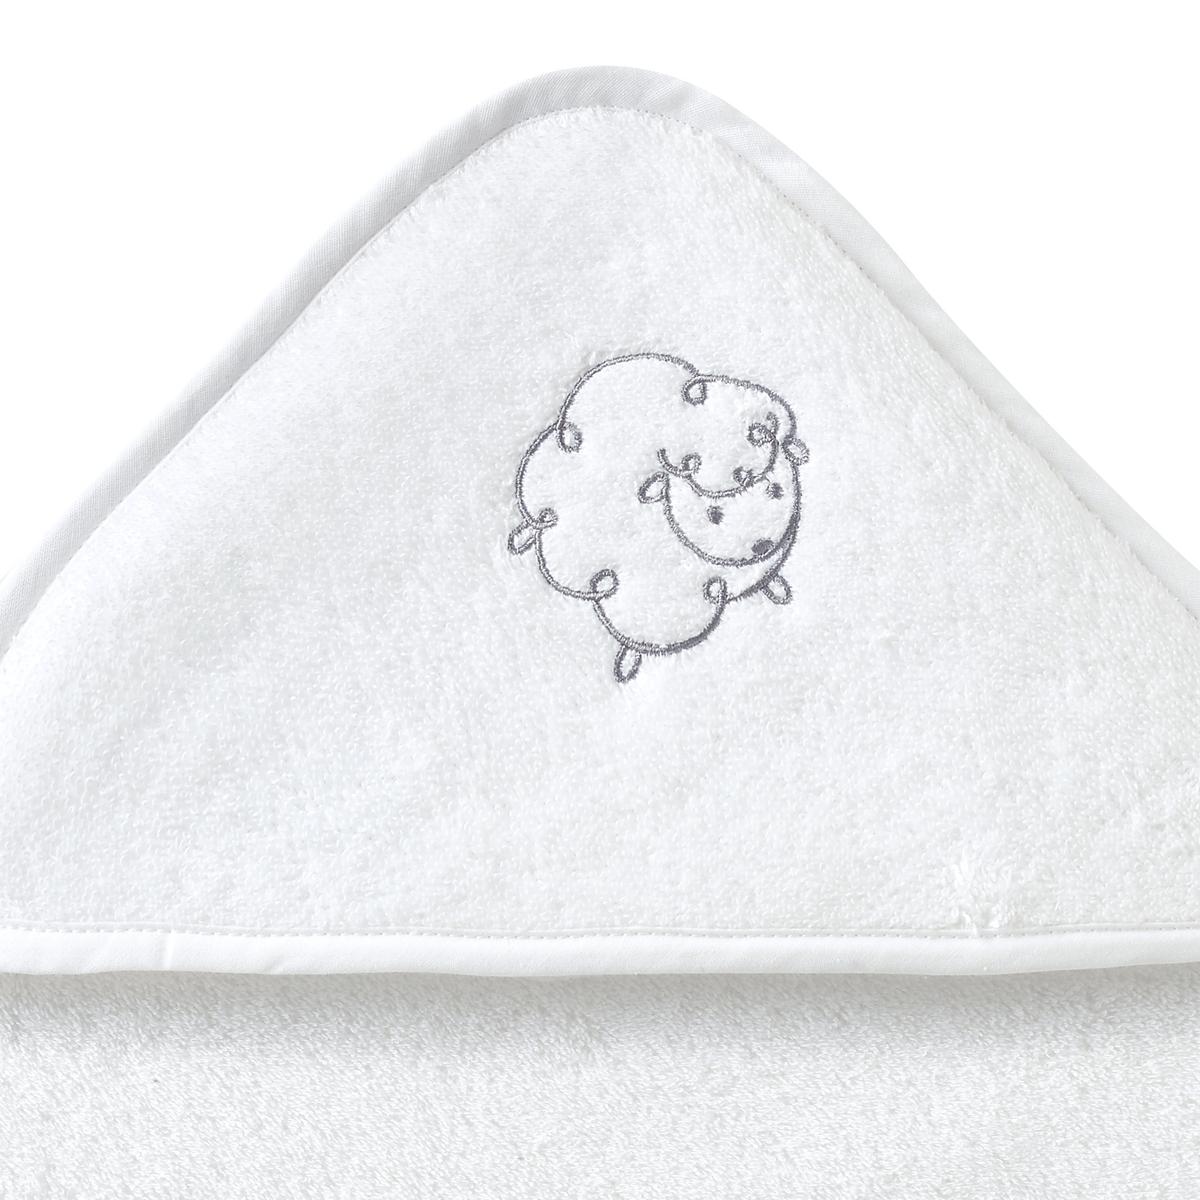 Халат детский из махровой ткани LITTLE SHEEPОписание:Халат и банные рукавички из махровой ткани, 100% хлопок, 420 г/м?, LITTLE SHEEP. Мягкий и пушистый халат с прекрасной впитывающей способностью, чтобы закутывать наших маленьких волчат после купания! Отличный подарок на день рождения!Характеристики халата и банных рукавичек LITTLE SHEEP :Махровая ткань, 100% хлопок, 420 г/м?Вышитый рисунок в виде барашка на капюшоне халата и на рукавичкахОтделка кантом в тон2 размера на выбор : 70 x 70 см - 100 x 100 см Легкий уход - Машинная стирка при 60°Знак Oeko-Tex® гарантирует, что товары прошли проверку и были изготовлены без применения вредных для здоровья человека веществ  Откройте для себя всю коллекцию из махровой ткани LITTLE SHEEP на сайте laredoute.ru<br><br>Цвет: белый,бледно-зеленый,розовый телесный,серо-бежевый